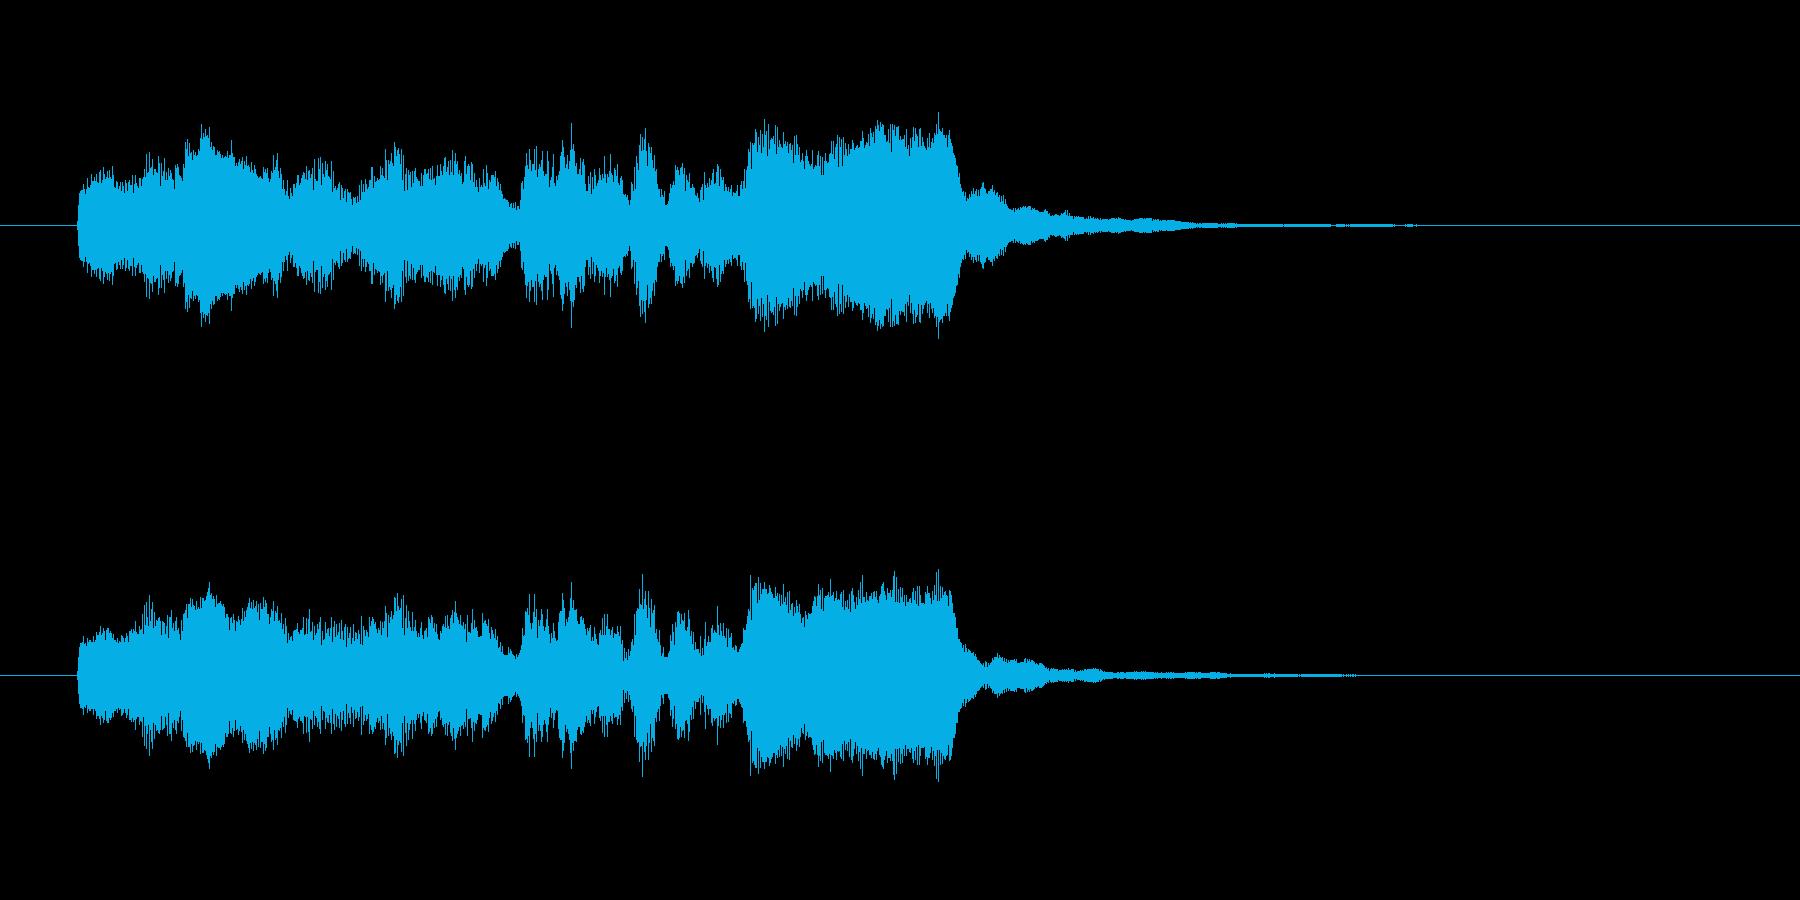 ほのぼのした管楽器の効果音の再生済みの波形